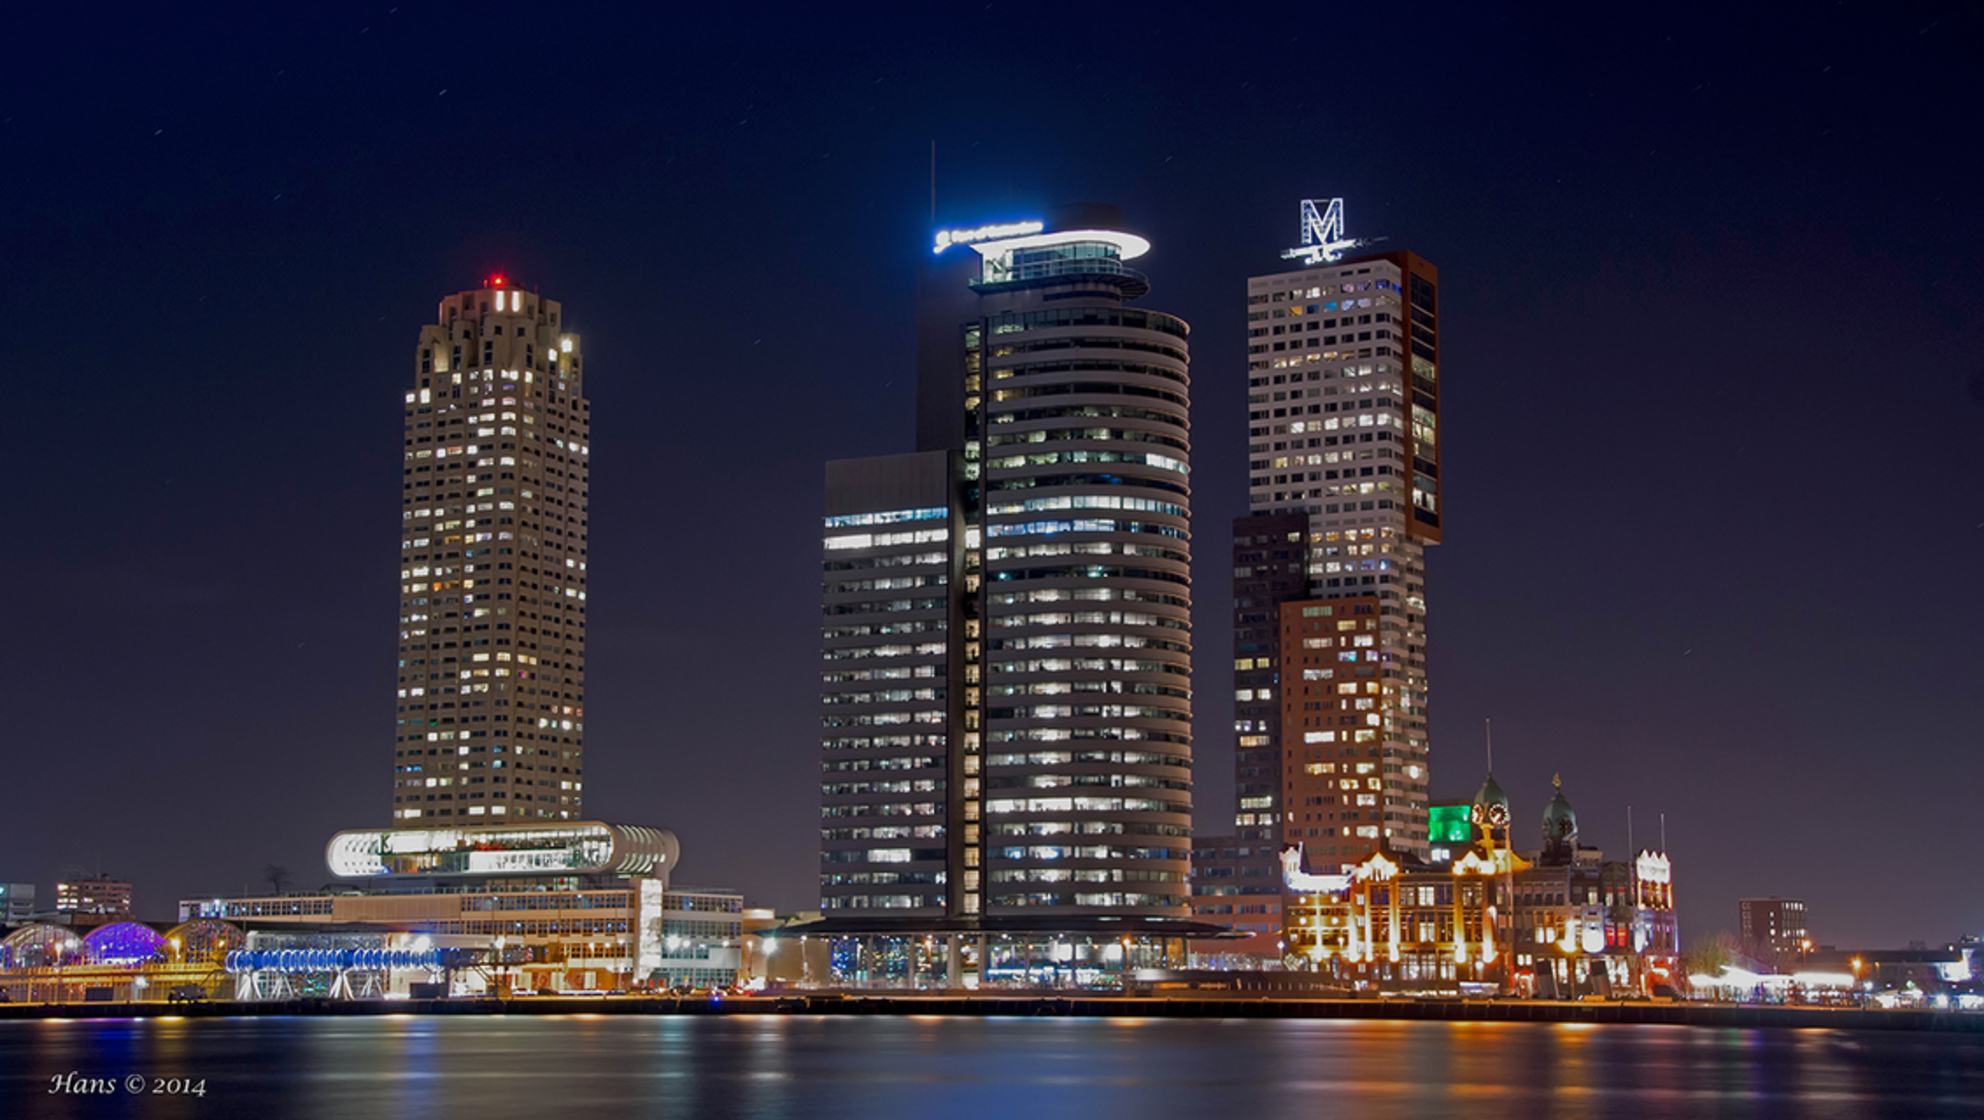 Zoomavond Rotterdam 16 september - Na een lange afwezigheid weer eens aanwezig op zoom. Dit ietwat oude plaatje van de cruiseterminal hoop ik mensen te vergaren die eens een zoomavond  - foto door Hans1969_zoom op 24-08-2017 - deze foto bevat: nachtfoto, avondfoto, hans1969, Cruiseterminal, zoomavond 2017